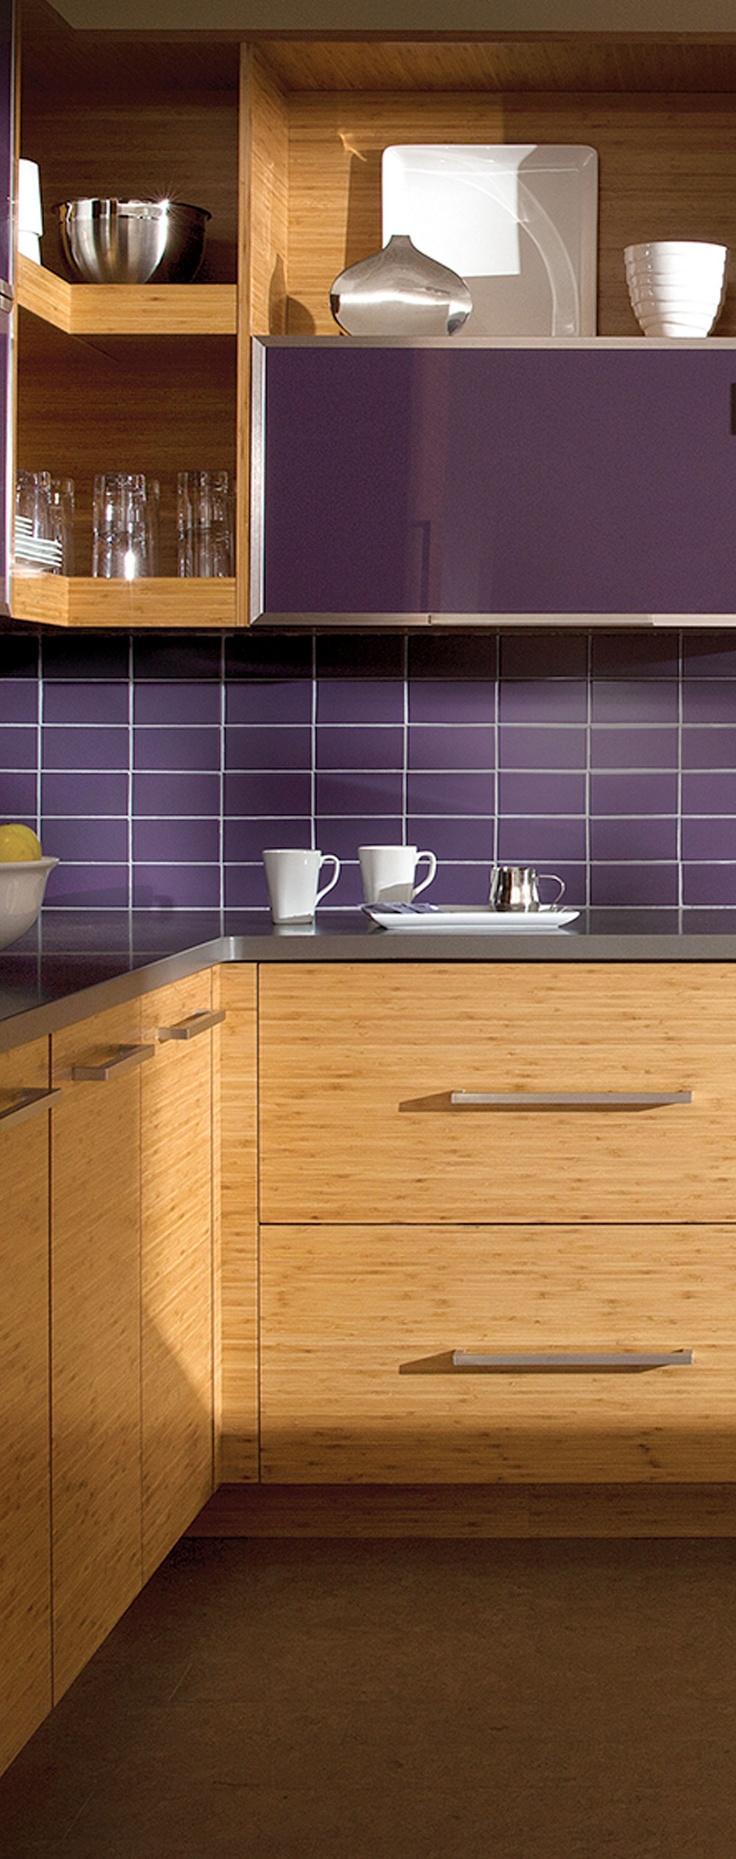 30 best Kitchen ideas images on Pinterest | Kitchen ideas, Dream ...